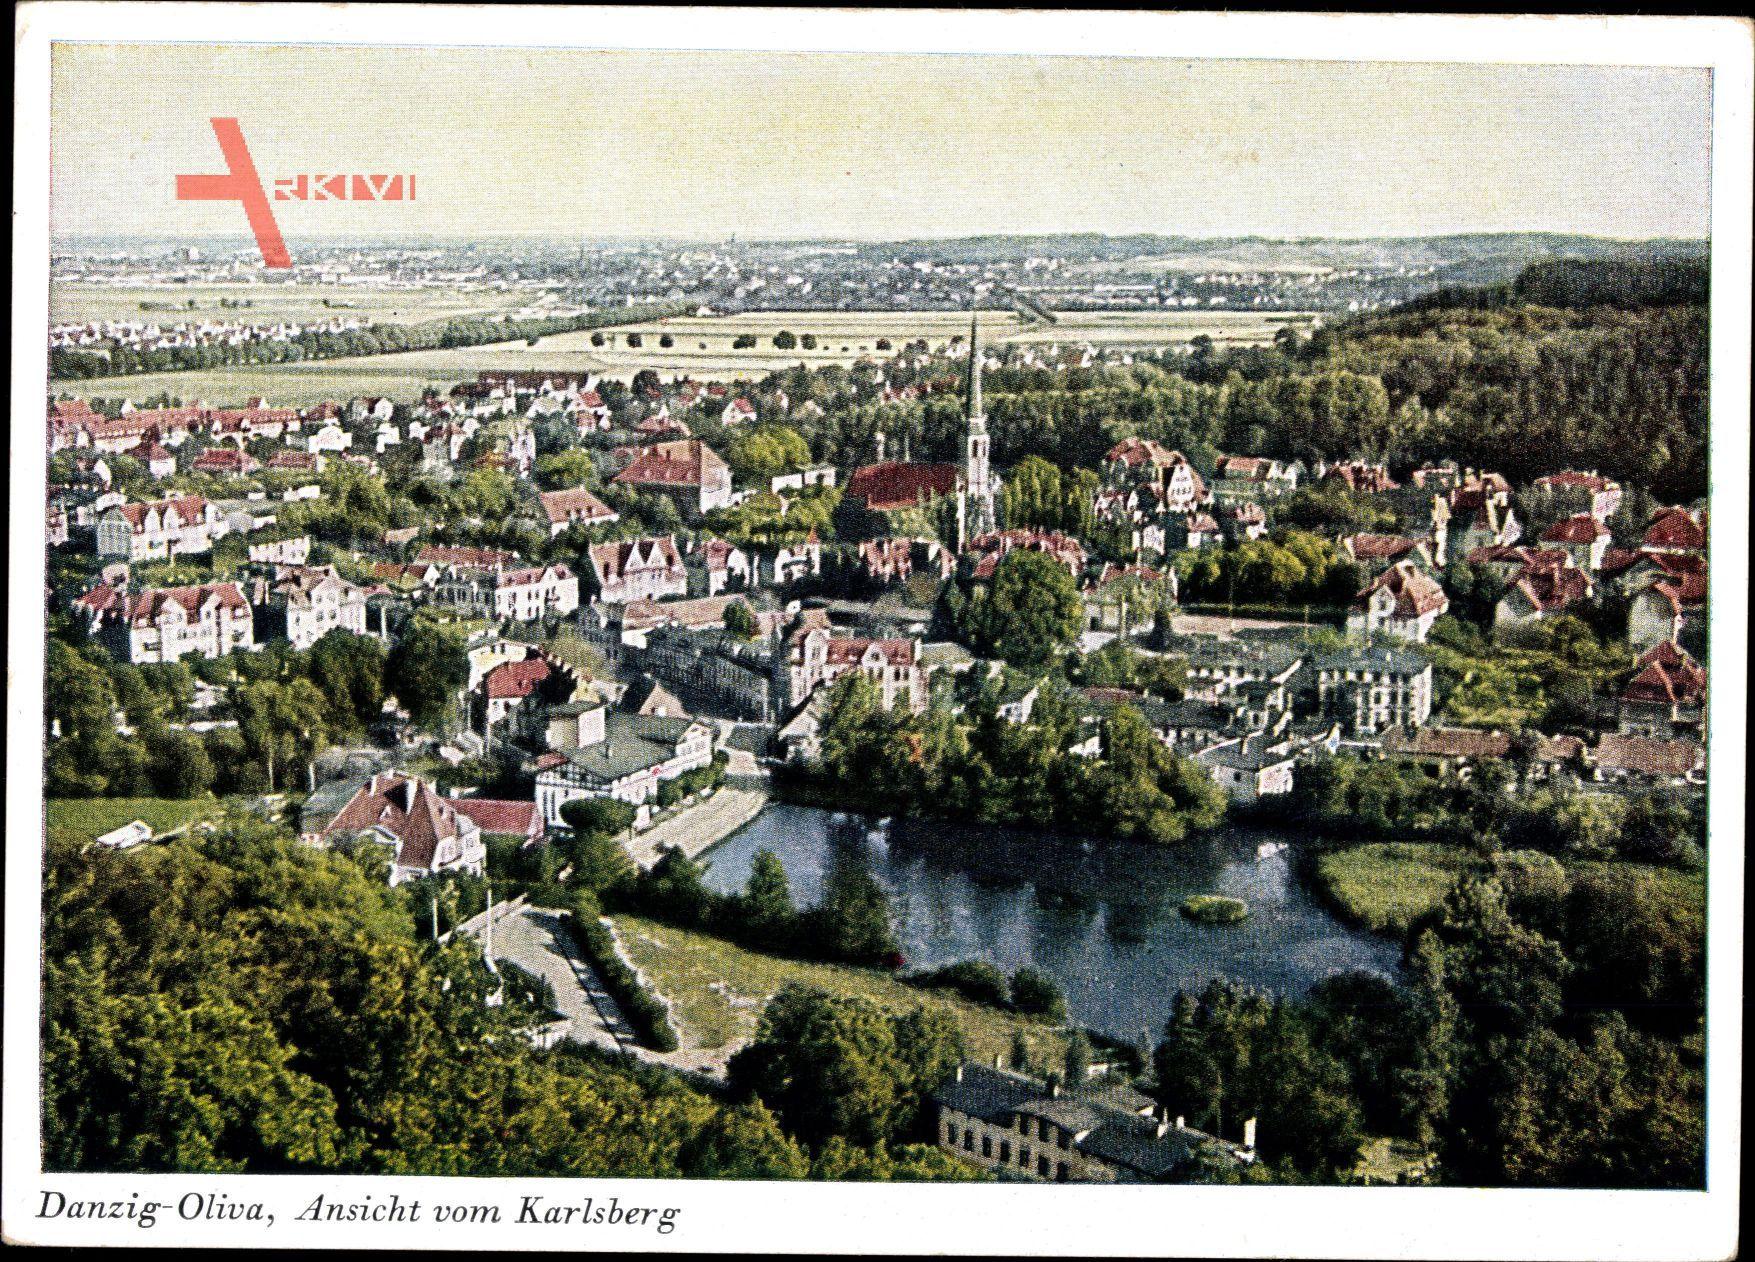 Oliva Gdańsk Danzig, Ansicht vom Karlsberg auf die Stadt